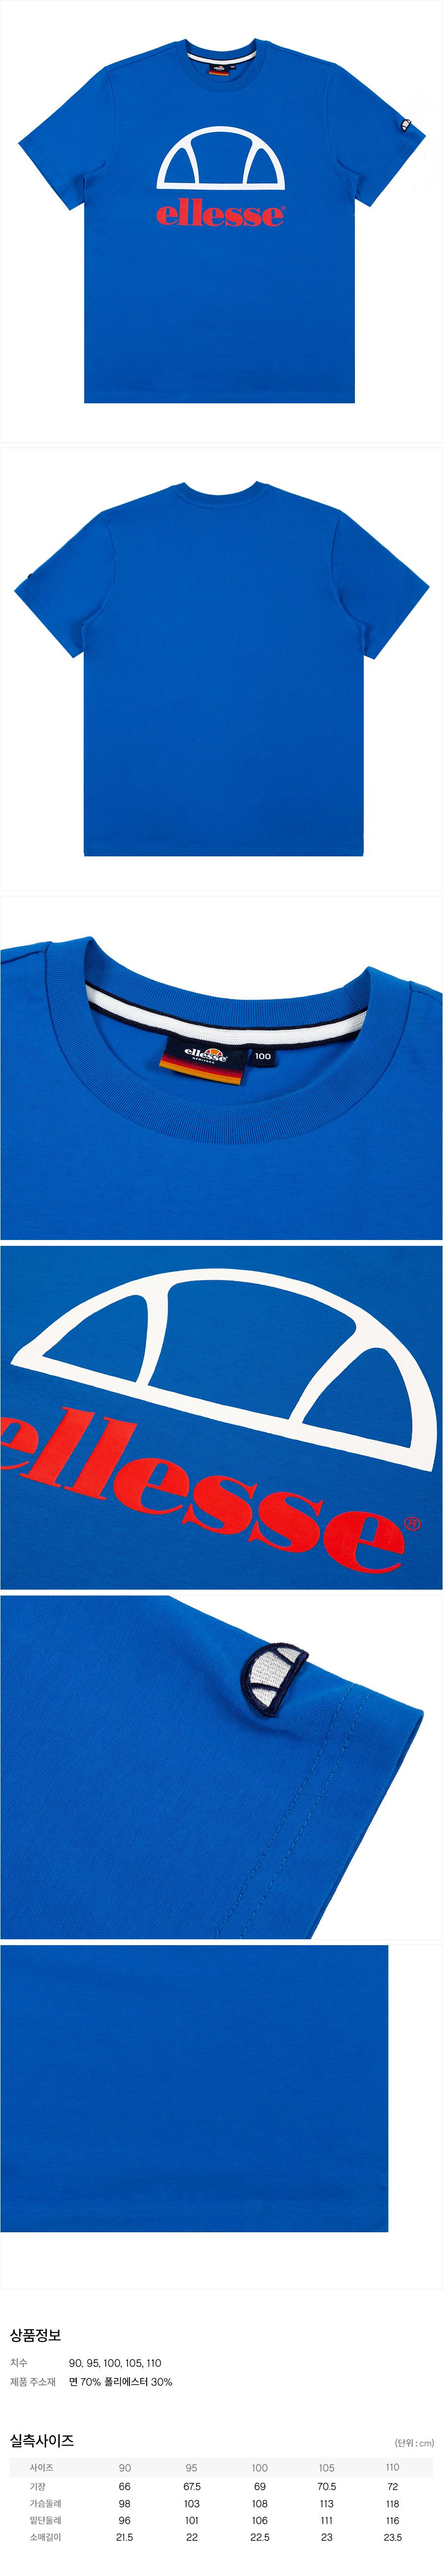 엘레쎄(ELLESSE) 빅 로고 베이직 티셔츠(블루)EJ2UHTR343